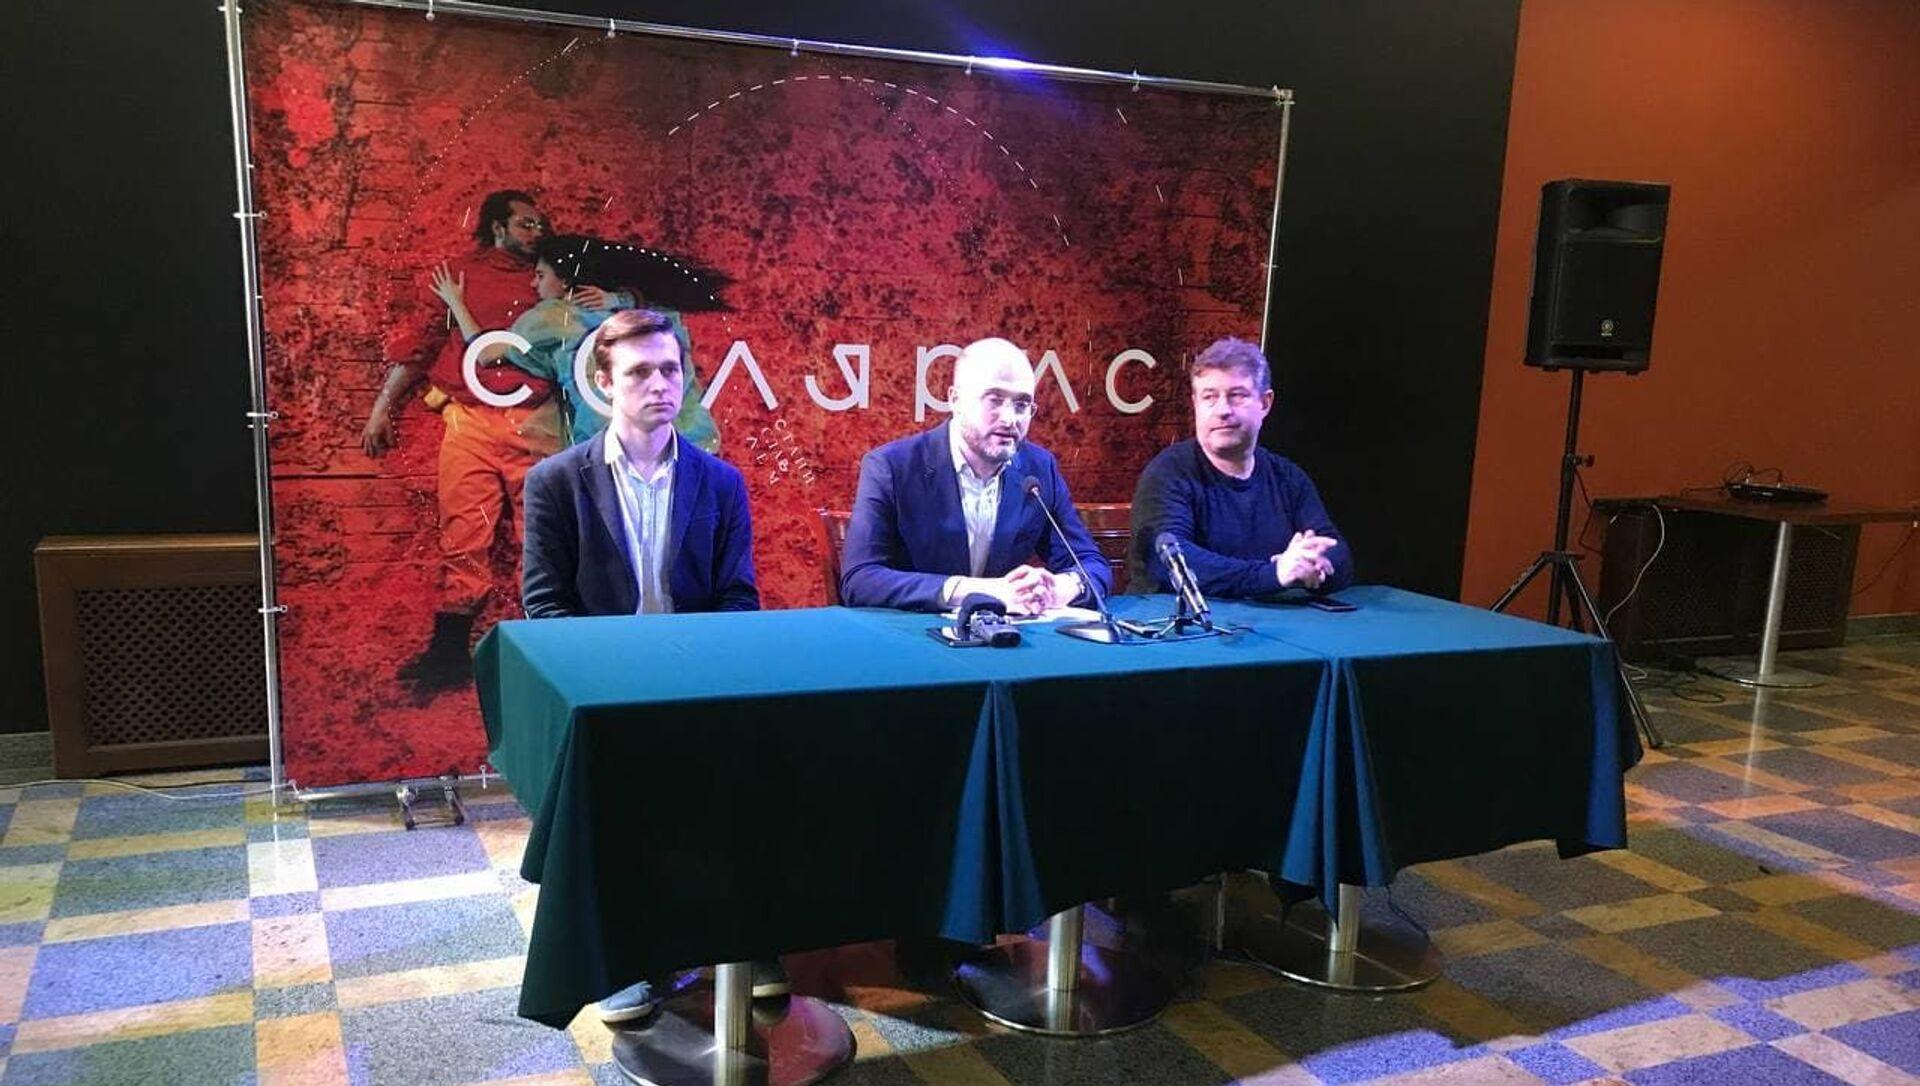 Пресс-конференция, посвященная премьере спектакля Солярис в Русдраме  - Sputnik Абхазия, 1920, 03.04.2021